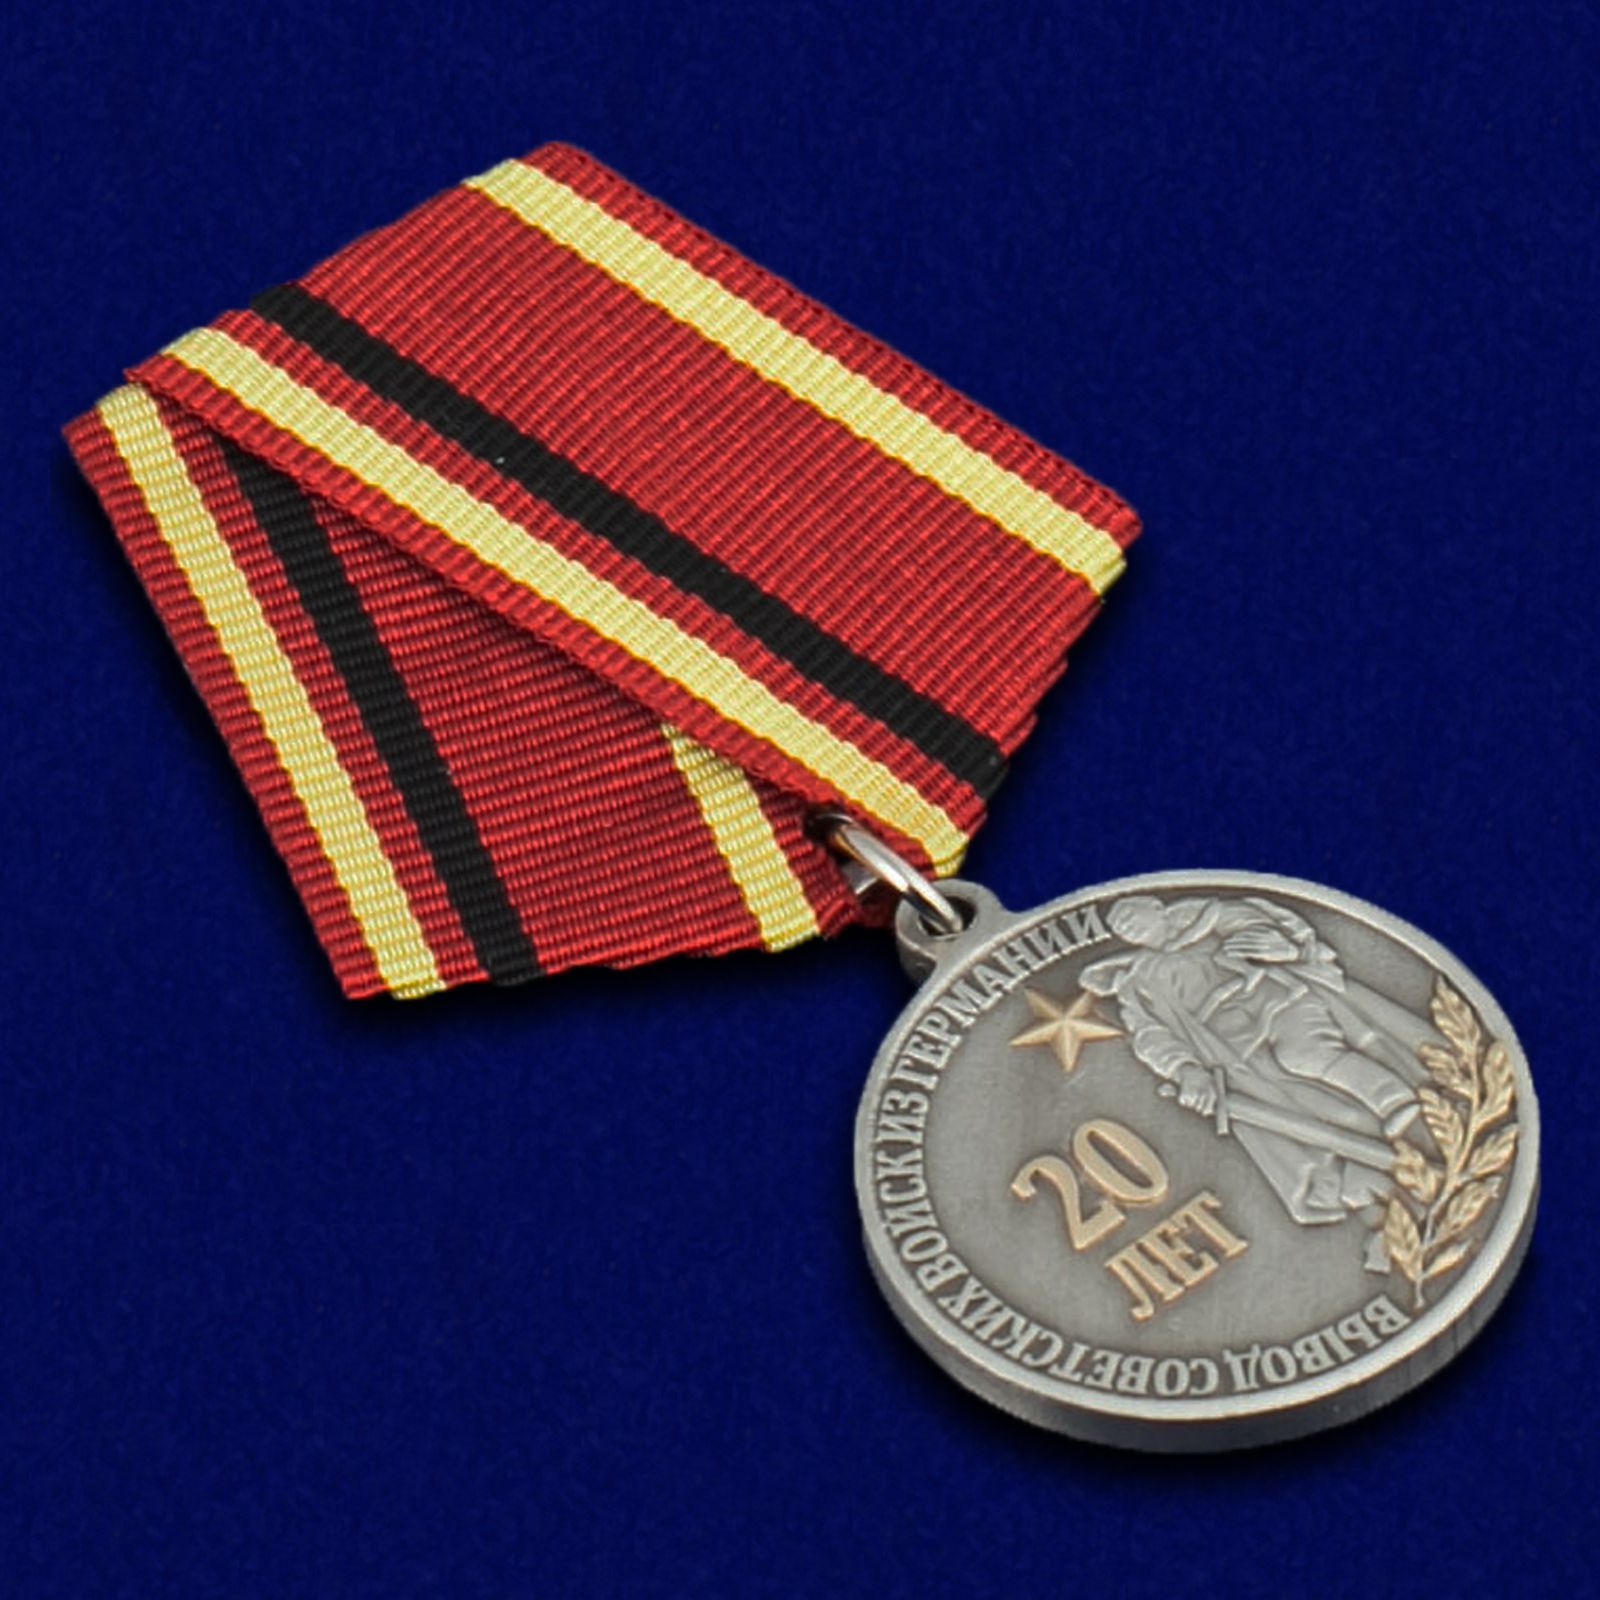 Медаль 20 лет Вывода советских войск из Германии - общий вид